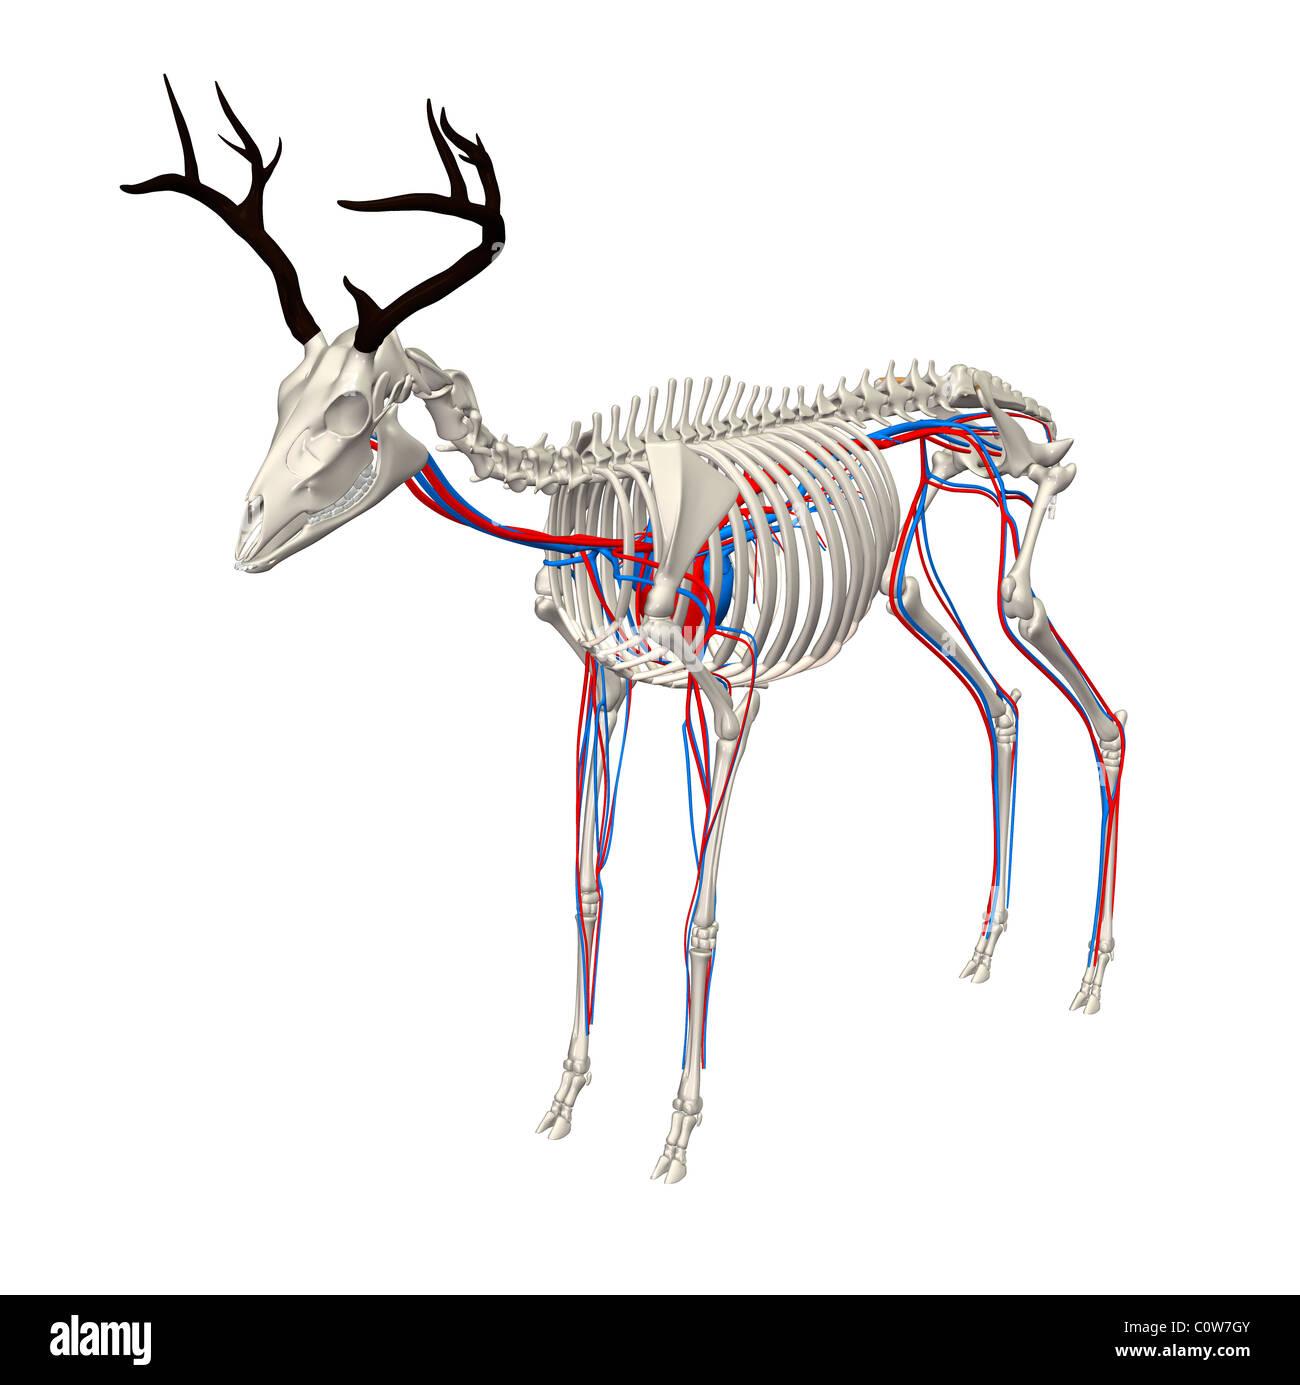 Anatomy Deer Imágenes De Stock & Anatomy Deer Fotos De Stock - Alamy